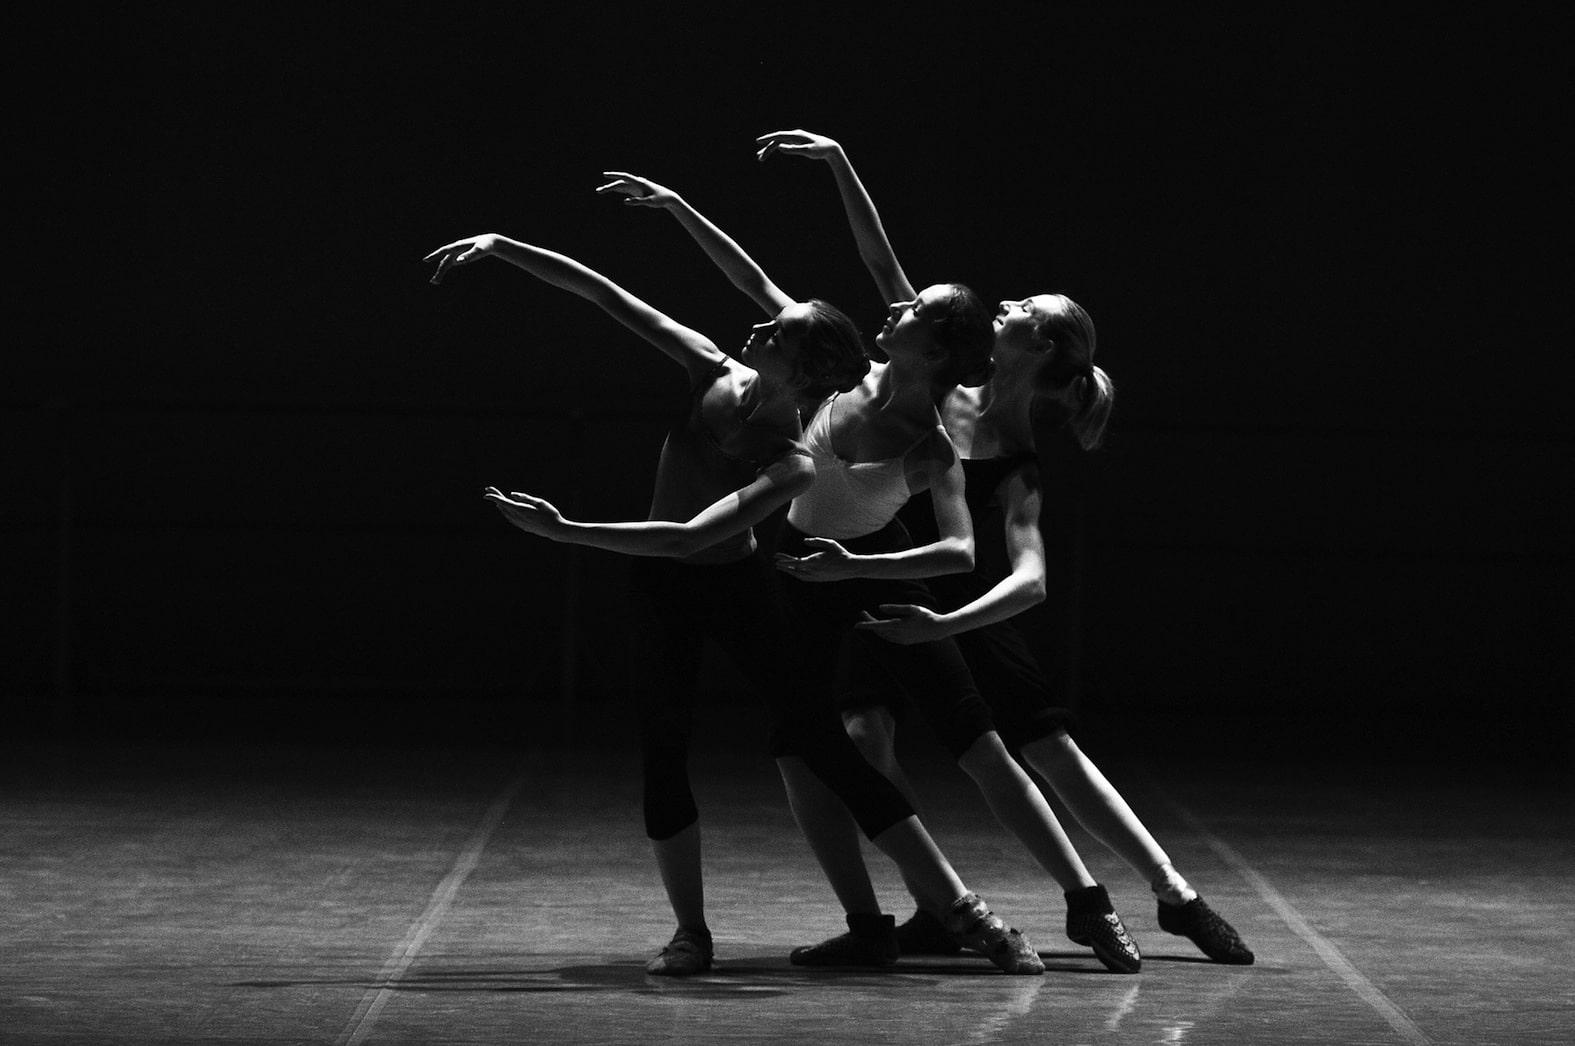 Benecorps Perpignan Danse classique, Ballet. Cours de Tunde Pasdach